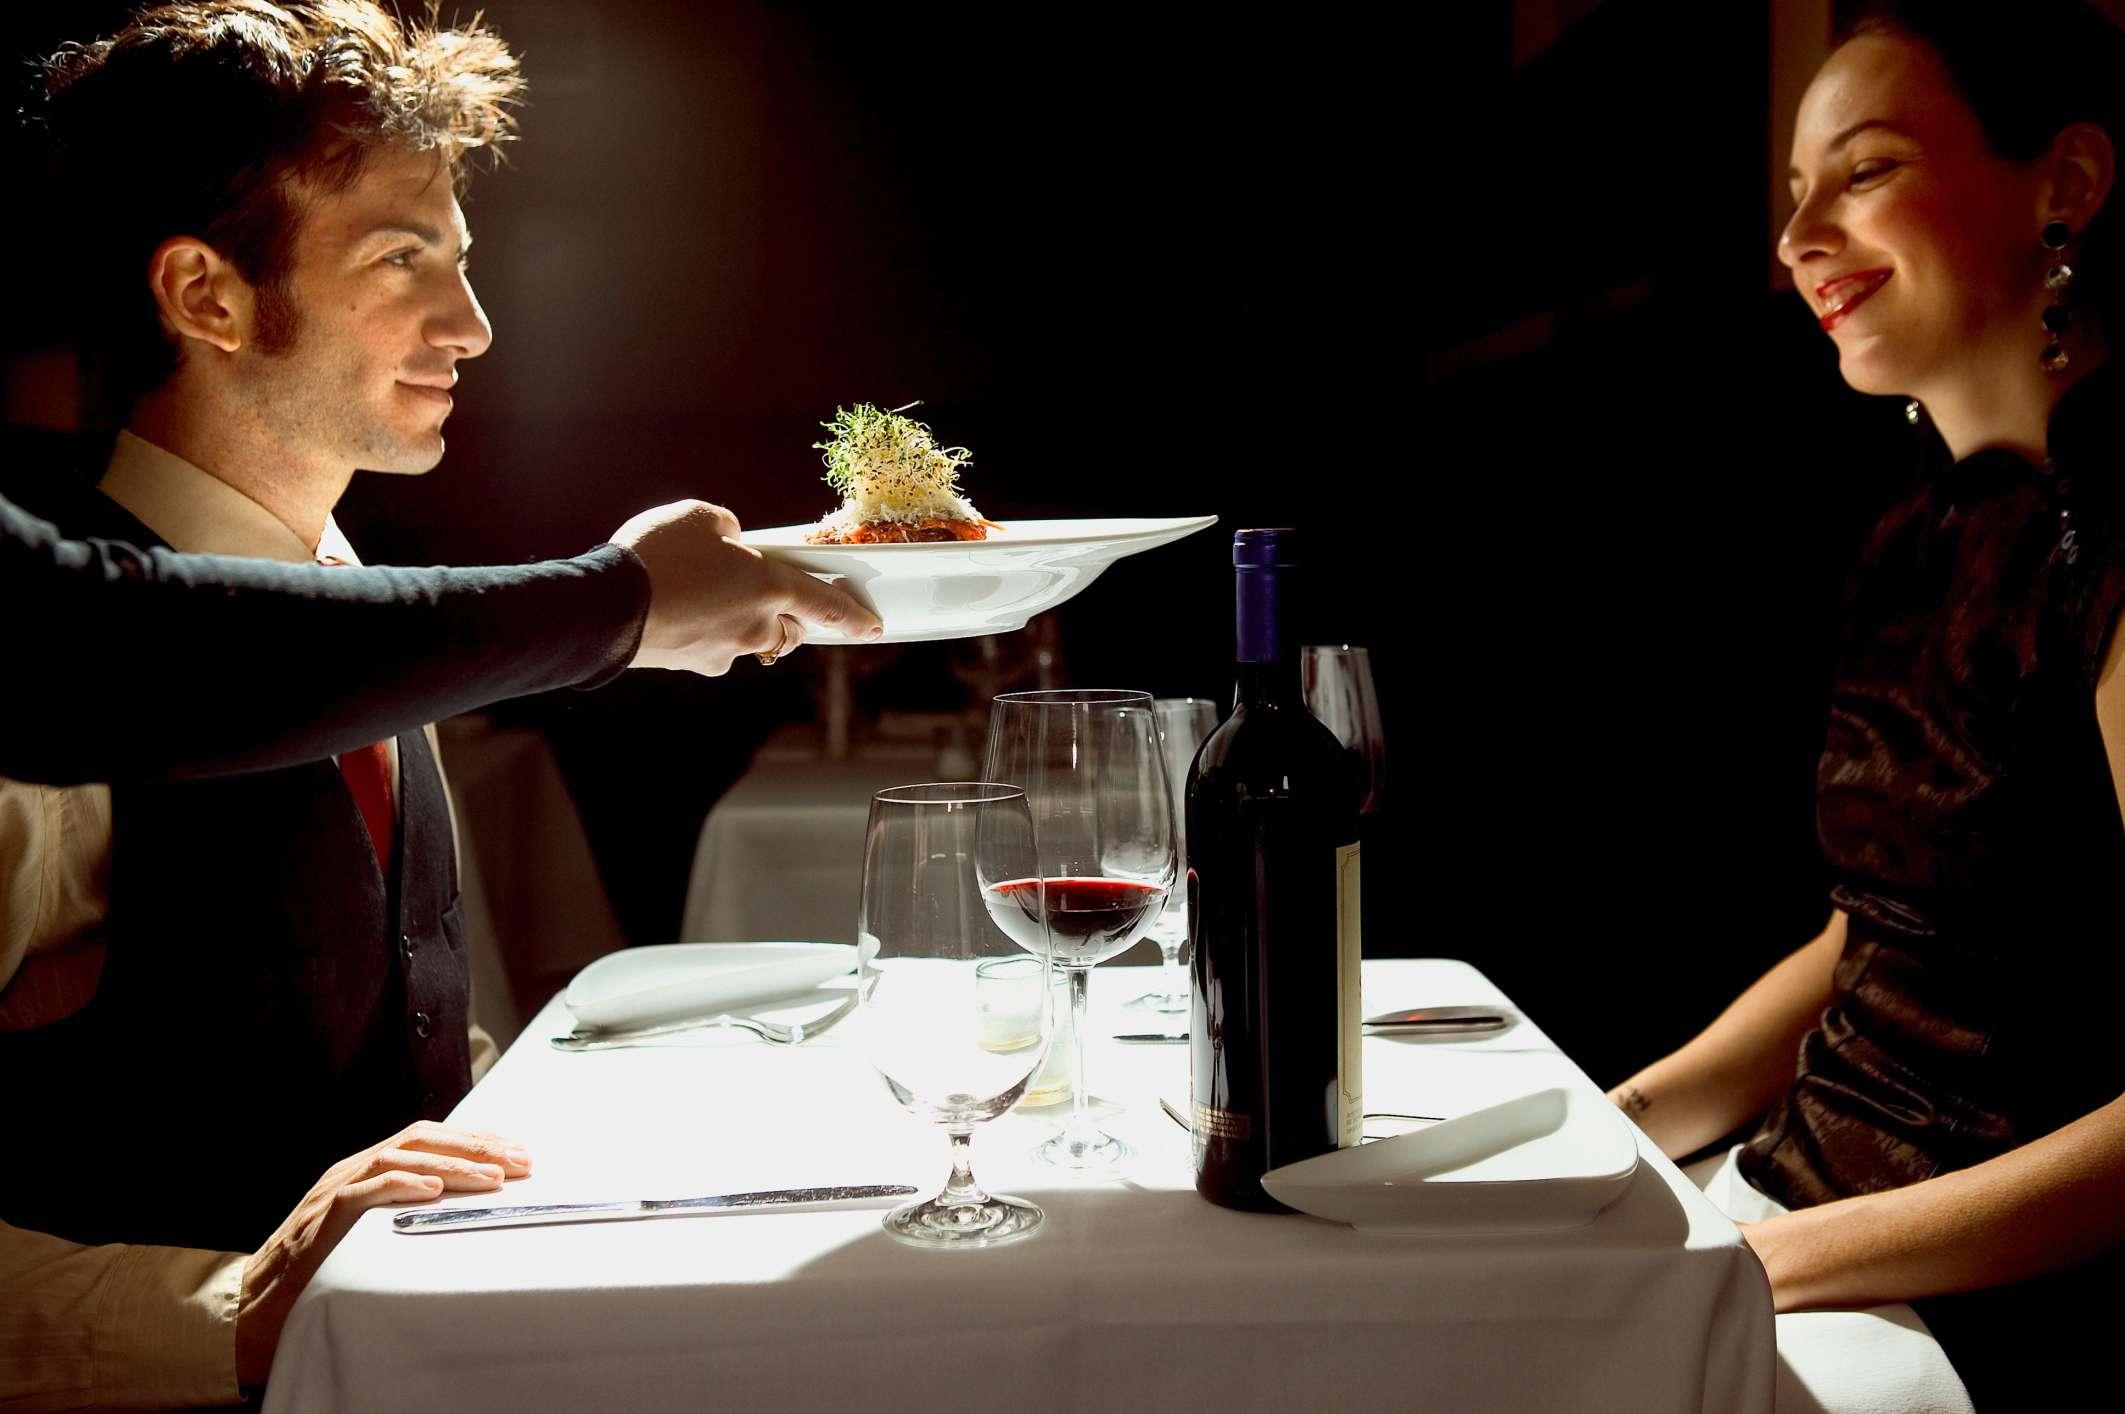 Agência ajuda milionários a encontrarem relacionamentos ...